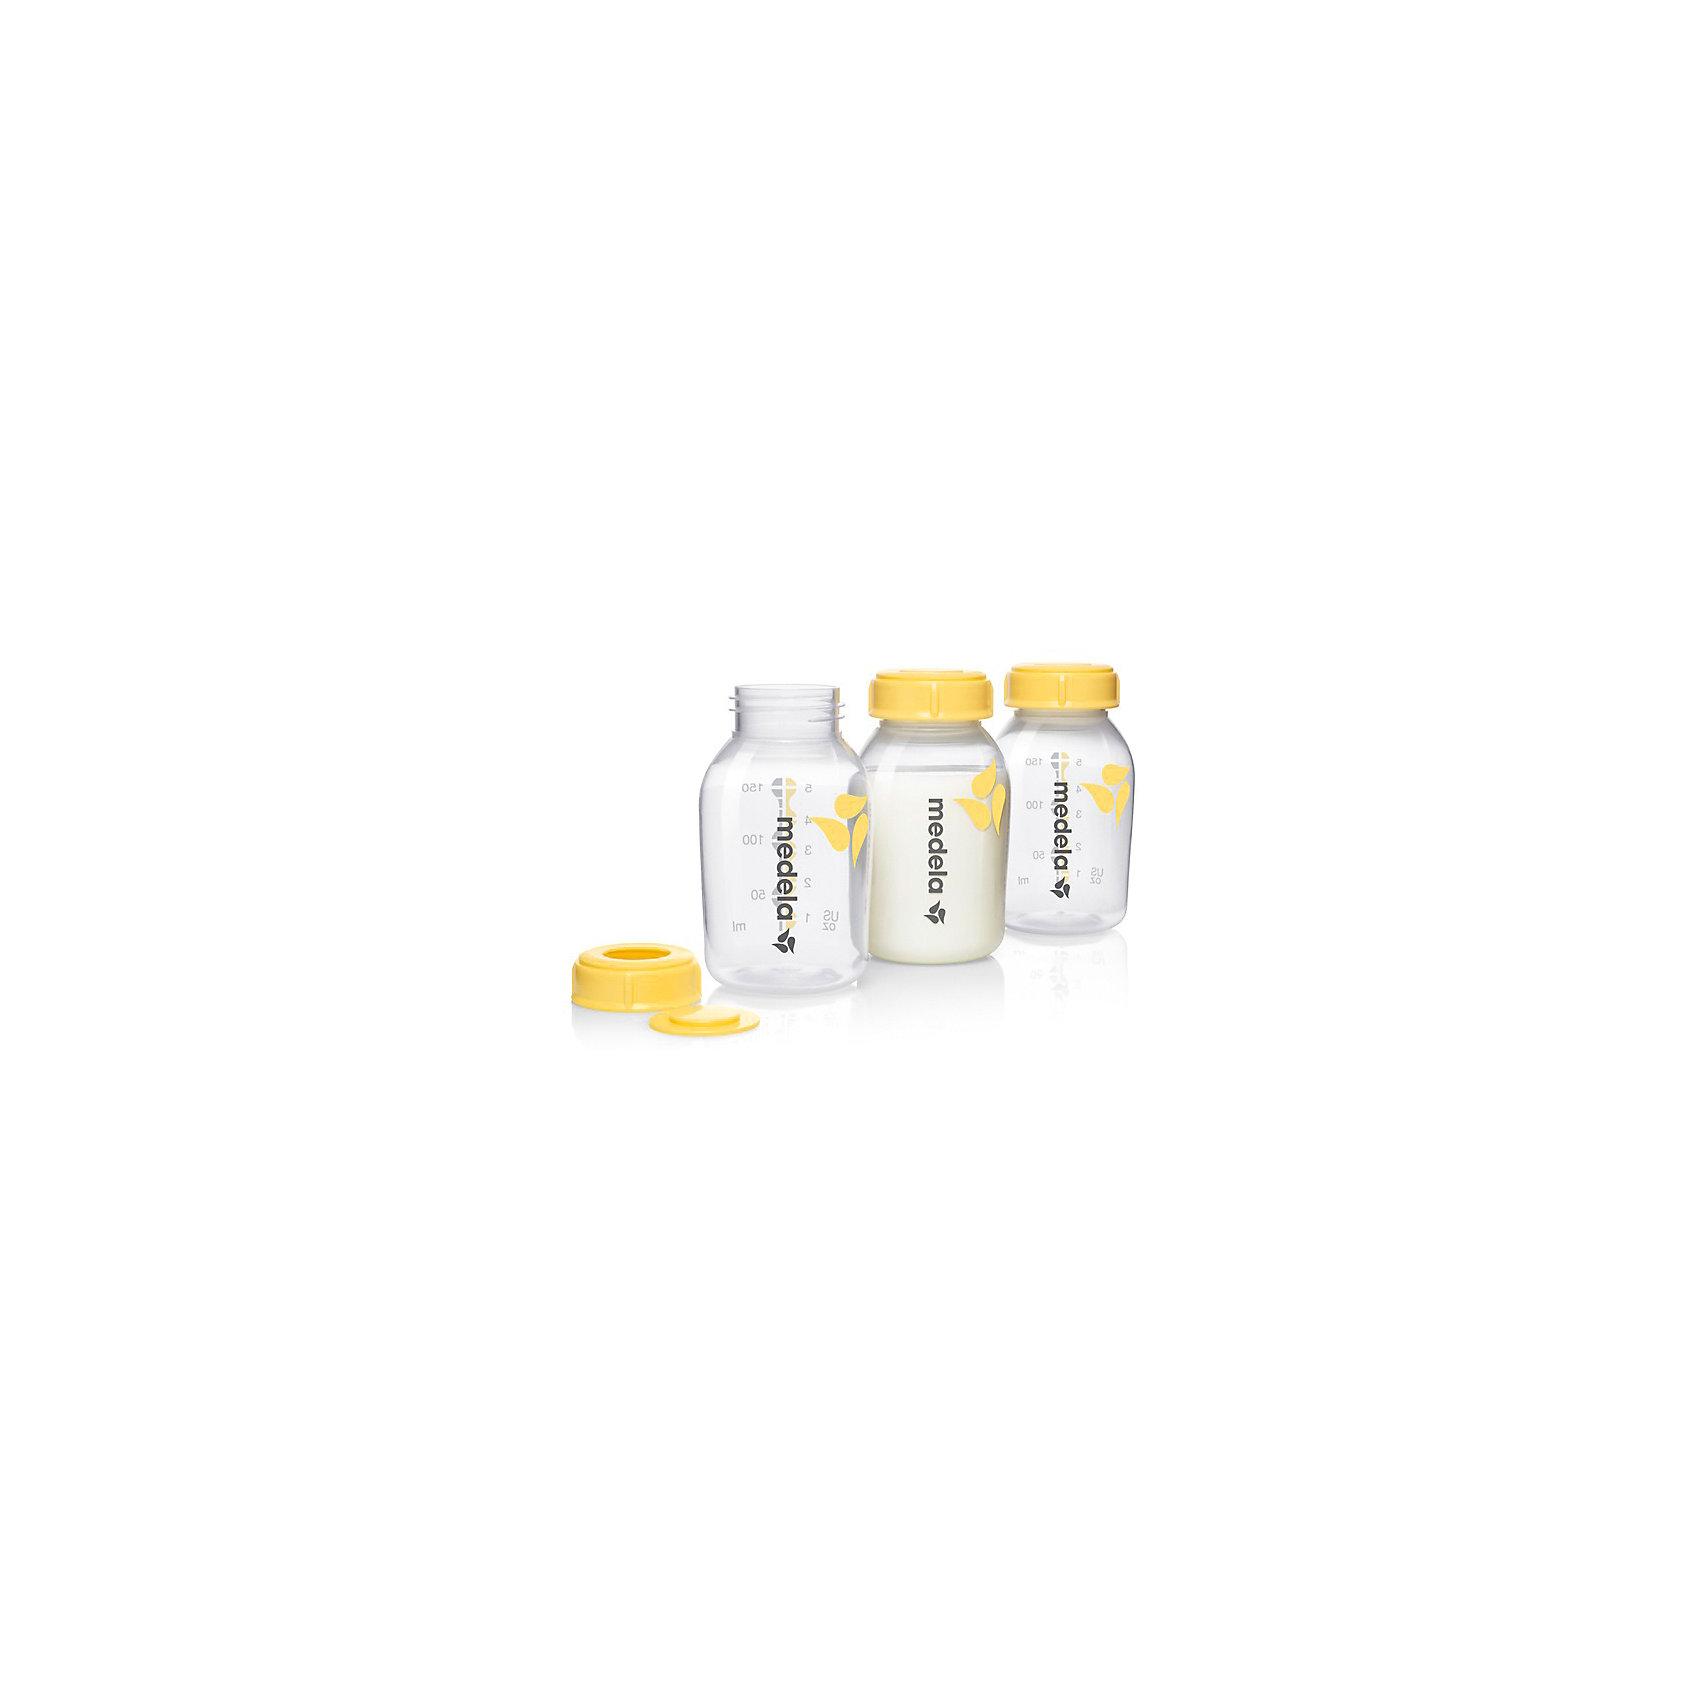 Бутылочки для сбора грудного молока, 150 мл /3 шт, MedelaМолокоотсосы и аксессуары<br>Контейнеры для сбора и хранения грудного молока. Подходят ко всем молокоотсосам со стандартной горловиной. Контейнеры Medela удобны, безопасны, многофункциональны; изготовлены из полипропилена, который не вступает в химическую реакцию с молоком и не выделяет вредных веществ при стерилизации. <br><br>Дополнительная информация:<br><br>- Материал: полипропилен.<br>- Объем: 150 мл.<br>- Комплектация: контейнер (3шт.) с крышками и клапанами.<br>- Не содержит Бисфенол-А <br><br>Контейнеры для сбора грудного молока, 150 мл /3 шт., Medela (Медела) можно купить в нашем магазине.<br><br>Ширина мм: 185<br>Глубина мм: 122<br>Высота мм: 62<br>Вес г: 125<br>Возраст от месяцев: -2147483648<br>Возраст до месяцев: 2147483647<br>Пол: Унисекс<br>Возраст: Детский<br>SKU: 3937721